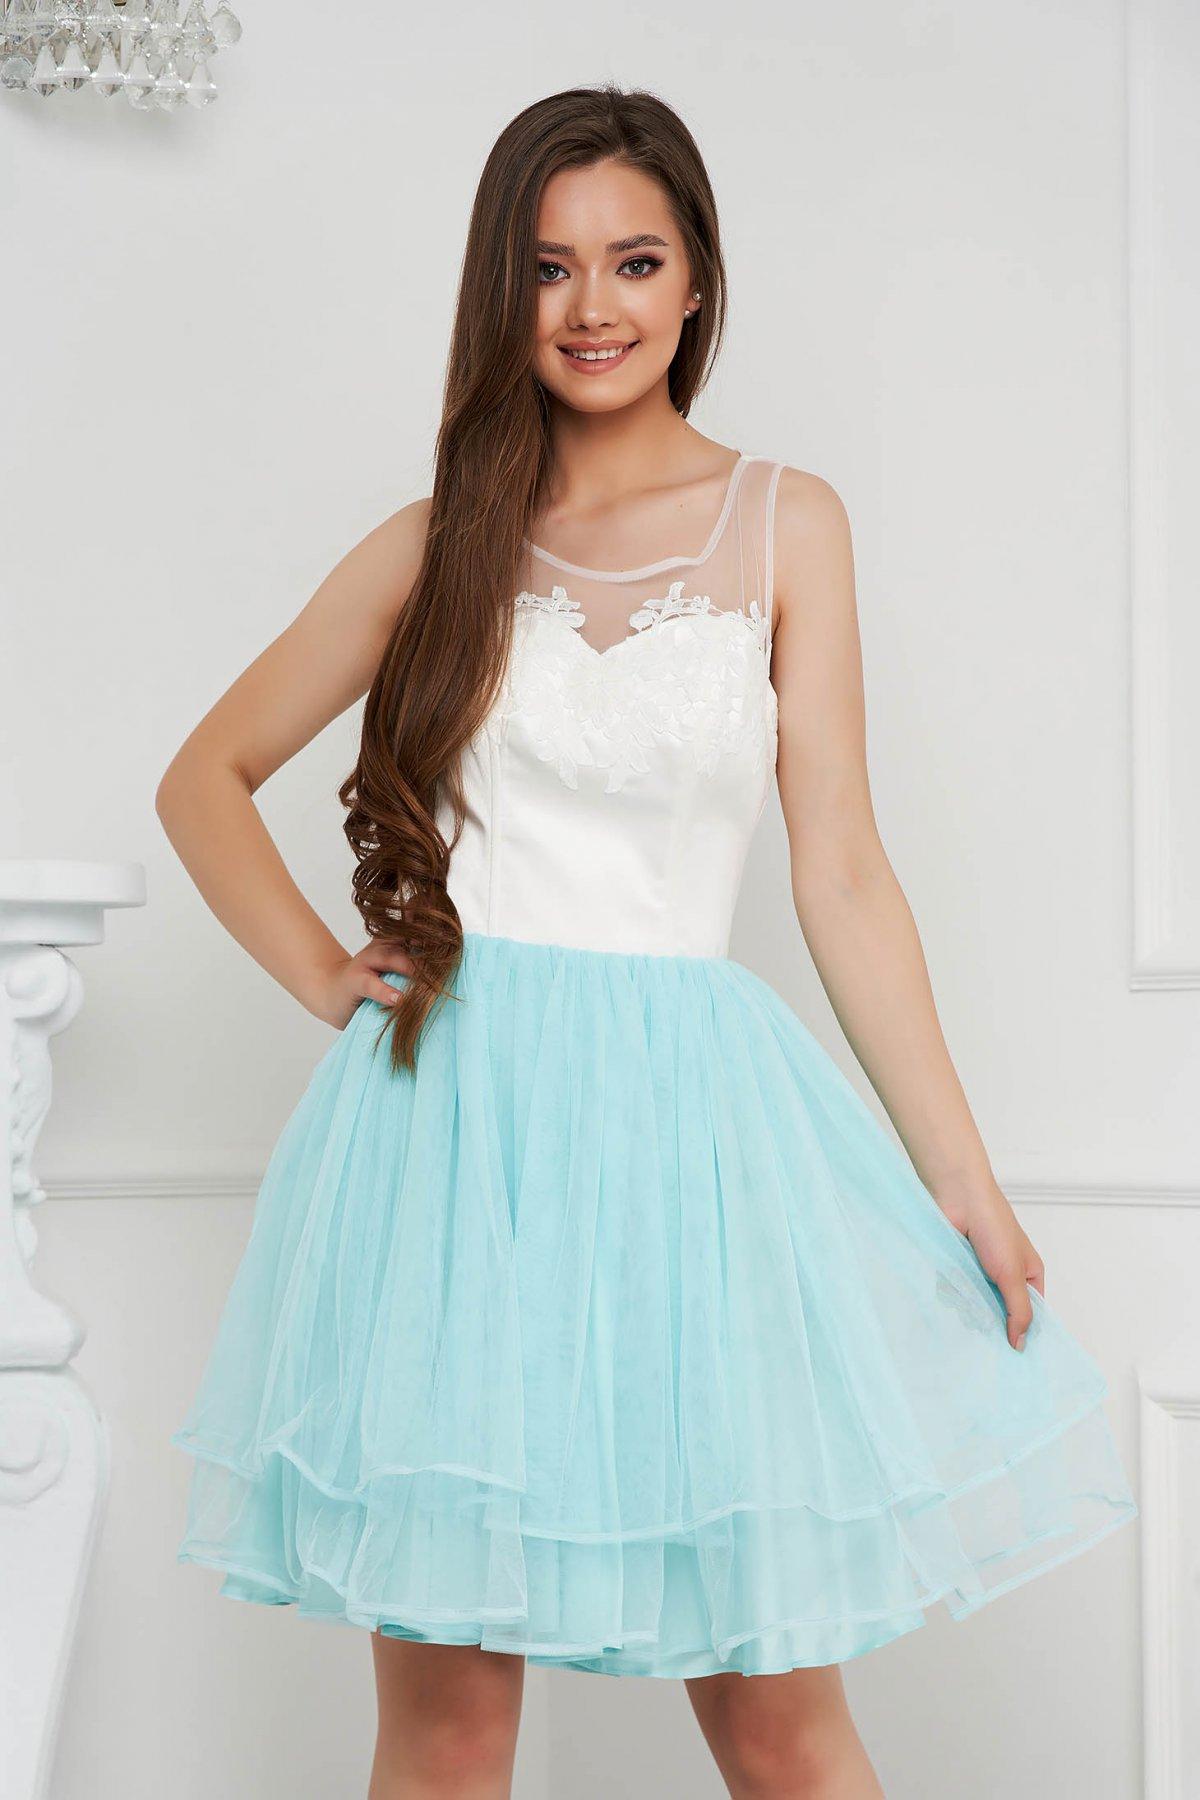 Rochie albastru aqua scurta de ocazie din tul cu broderie - medelin.ro